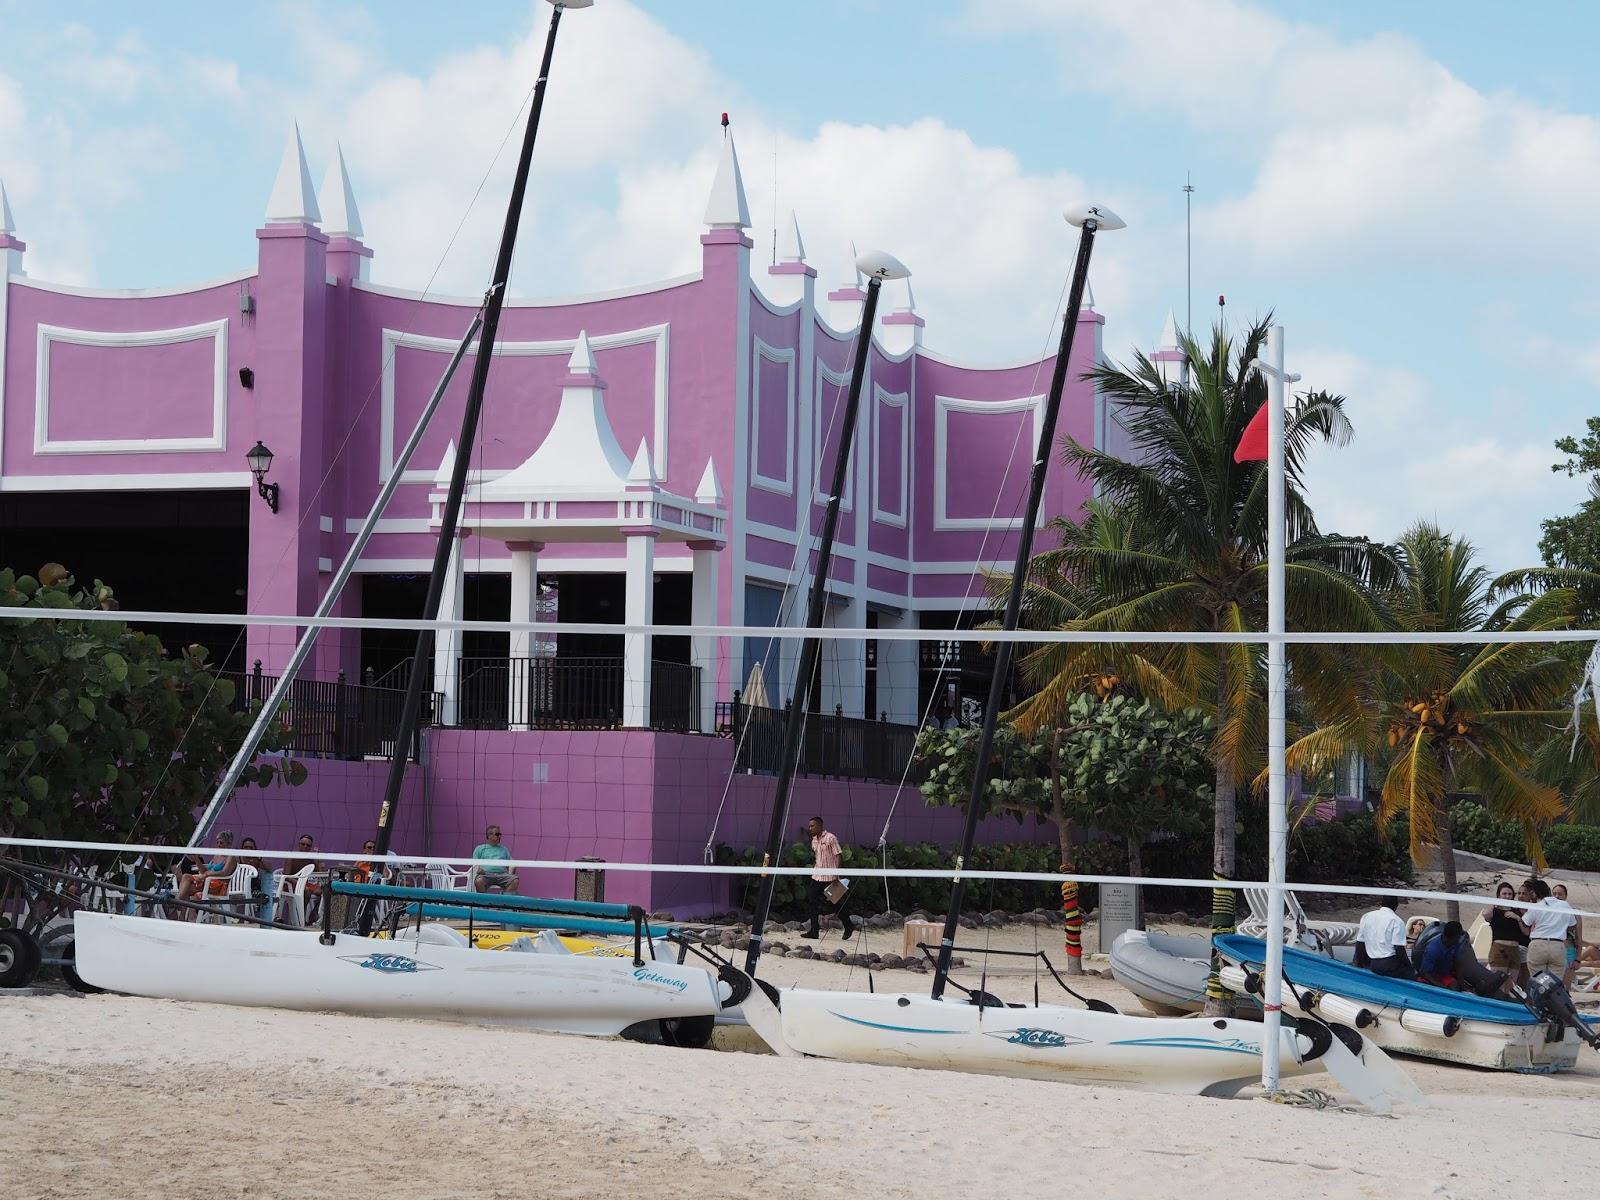 Montego bay, Jamaica, www.jadore-fashion.com